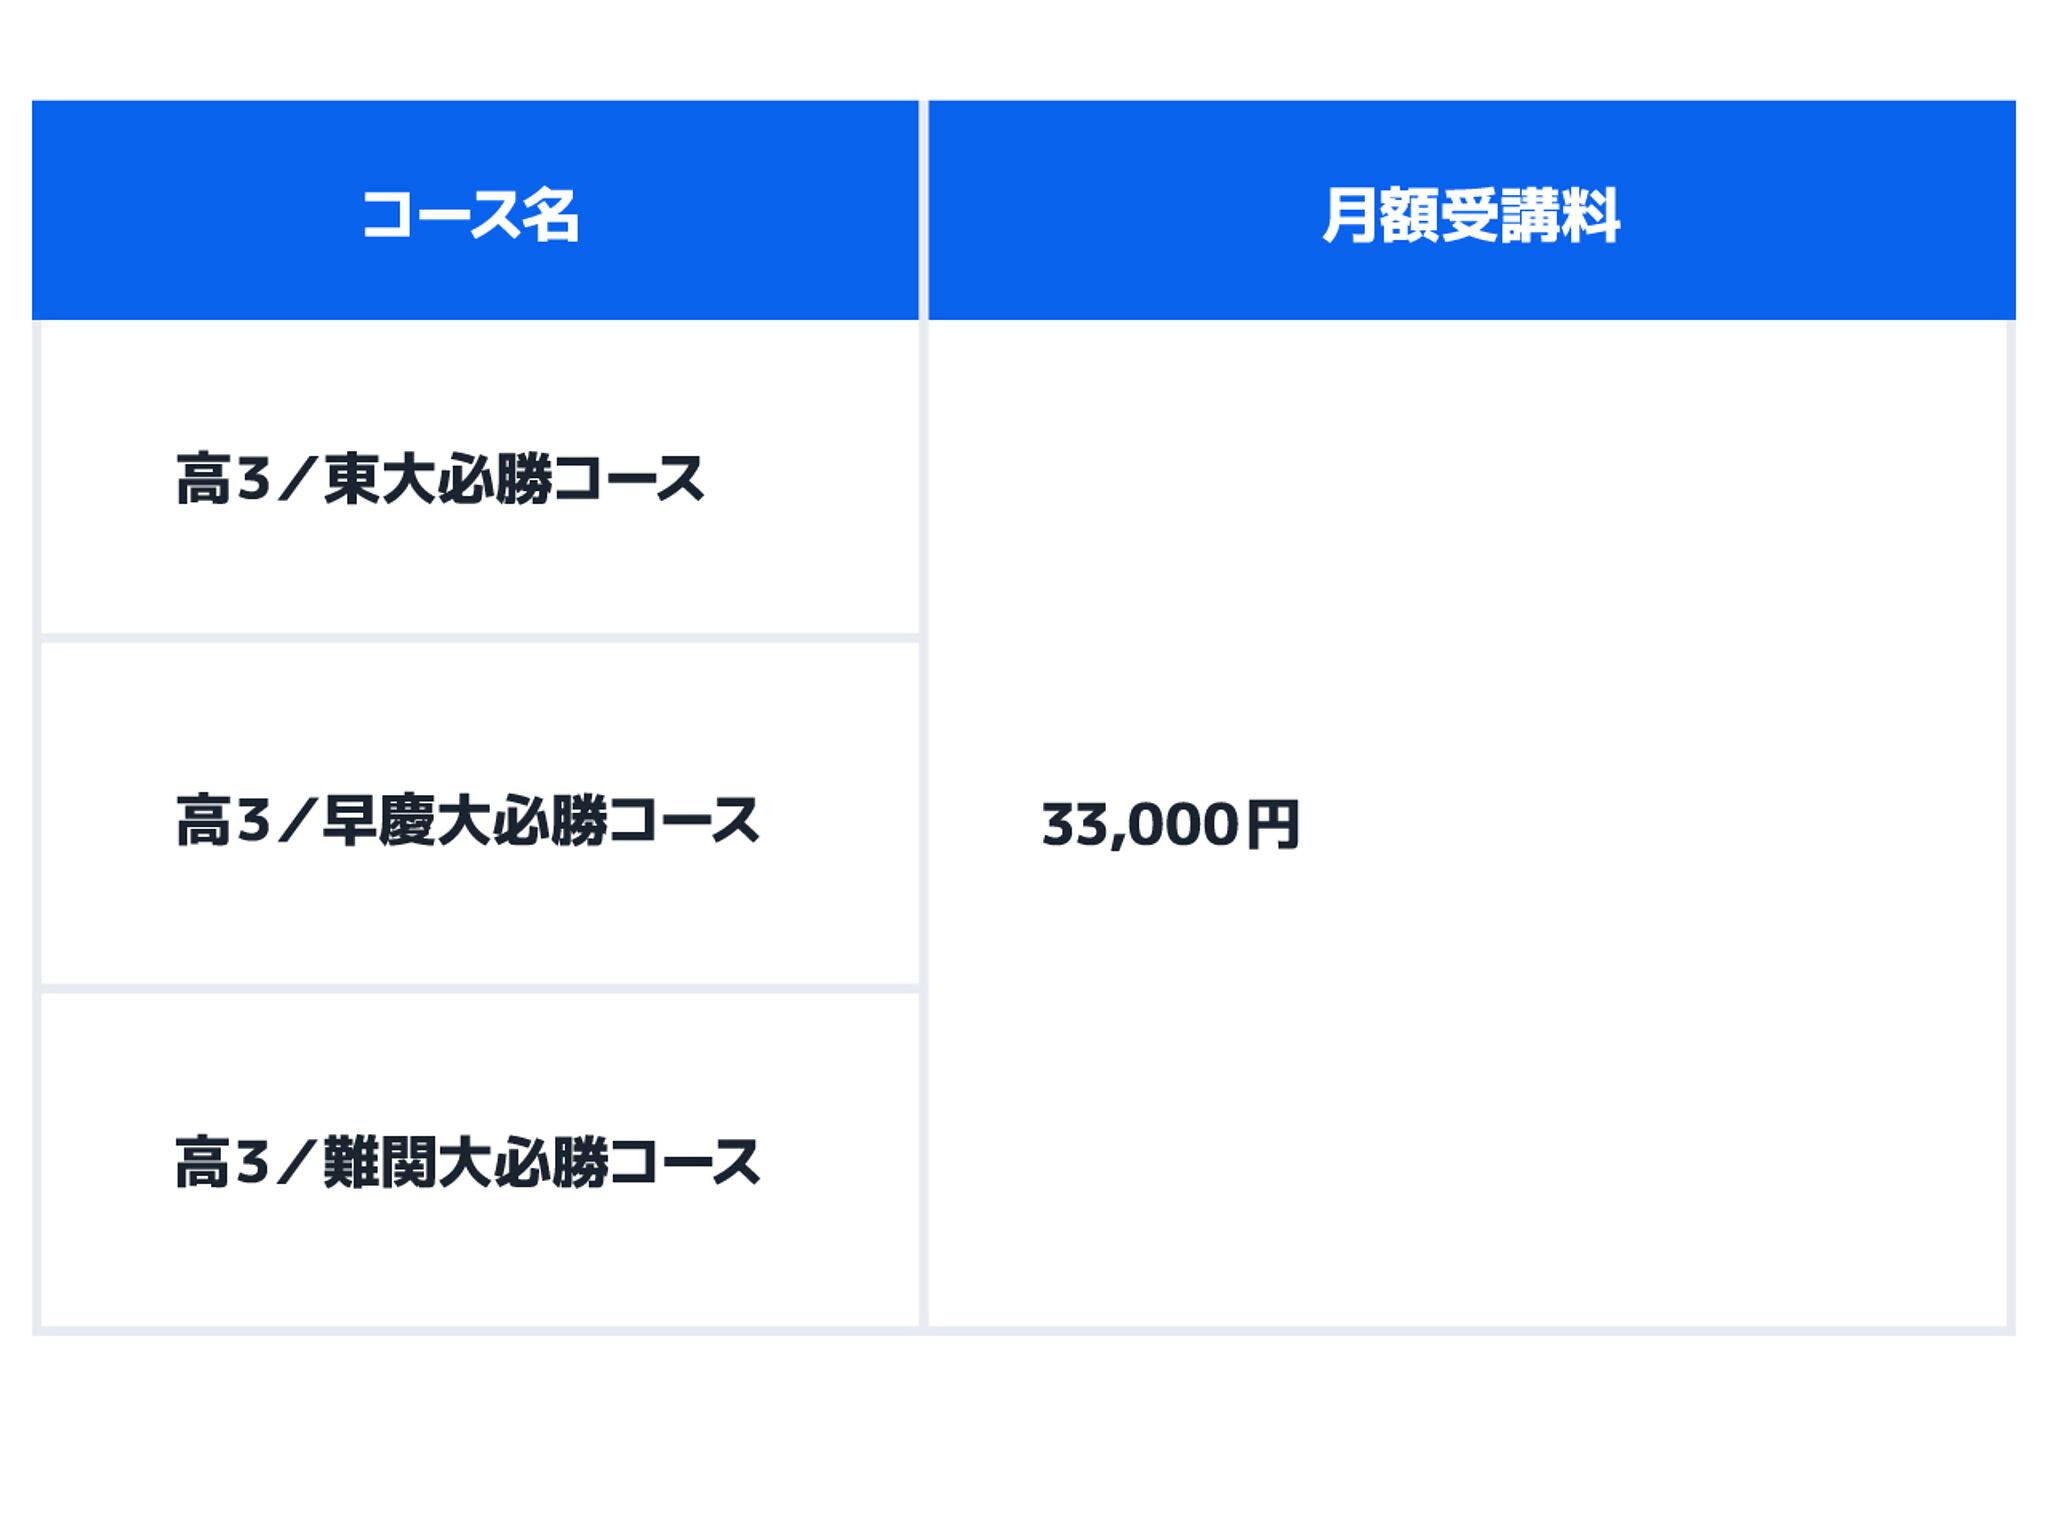 必勝志望校コースの料金表画像